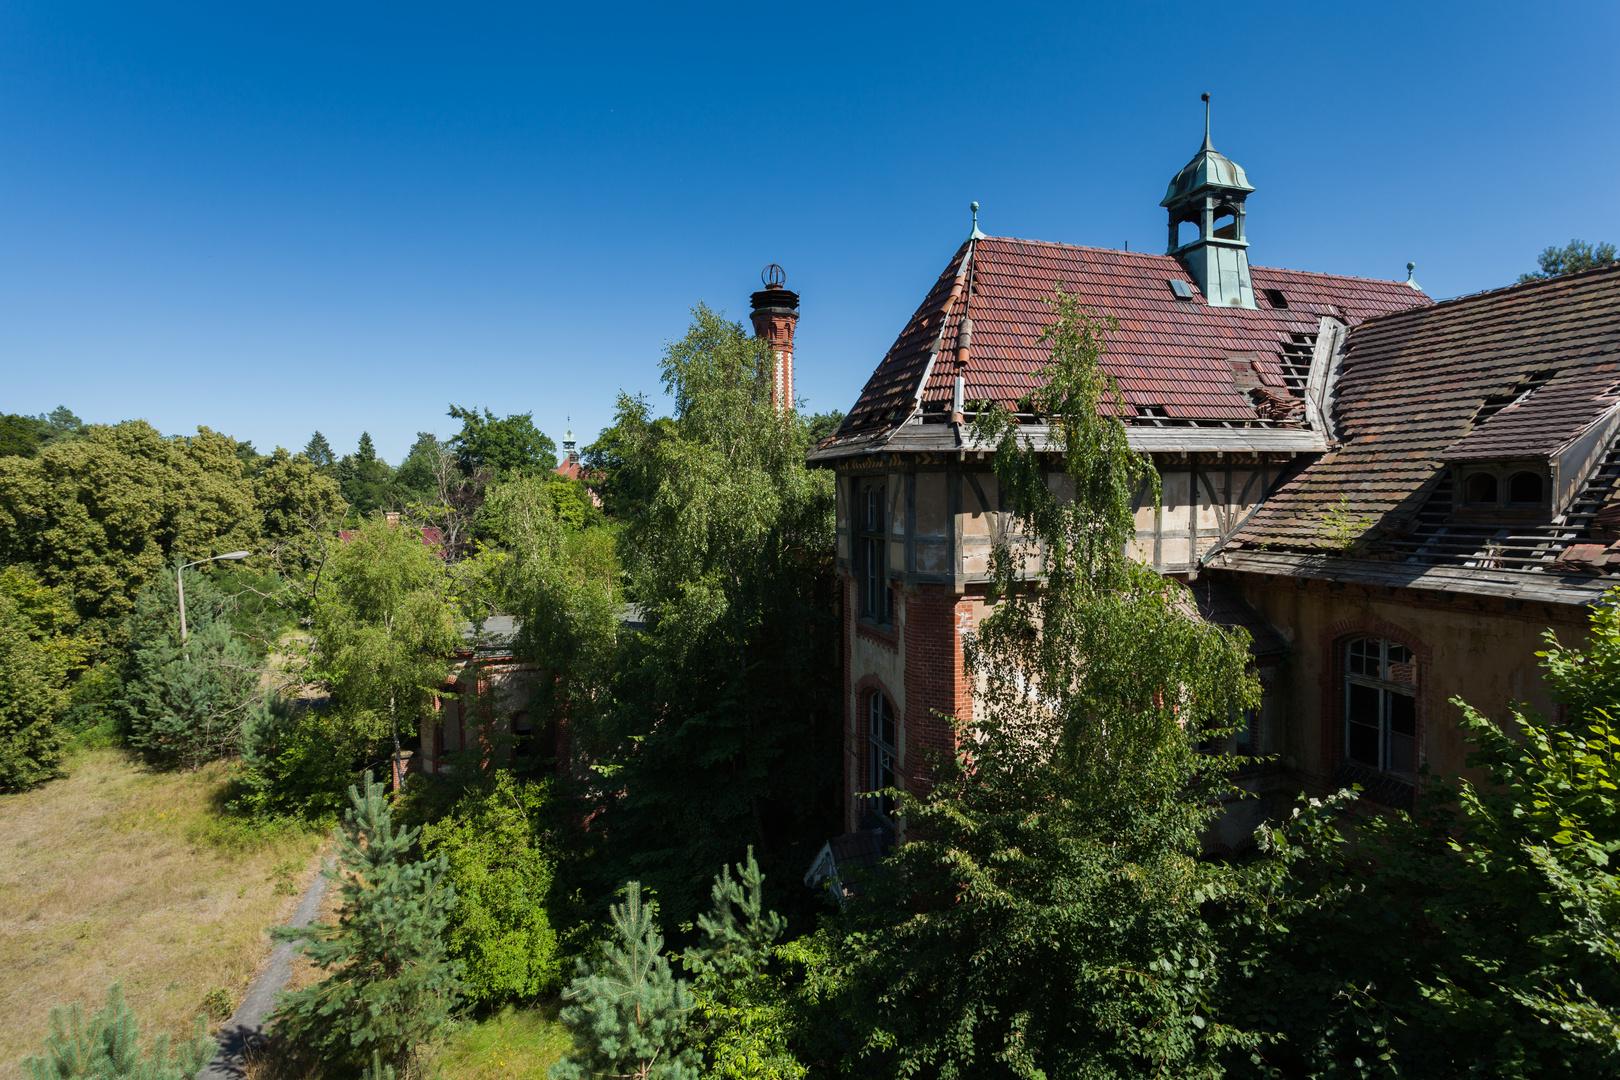 Beelitz Heilstätten - Frauensanatorium (13)